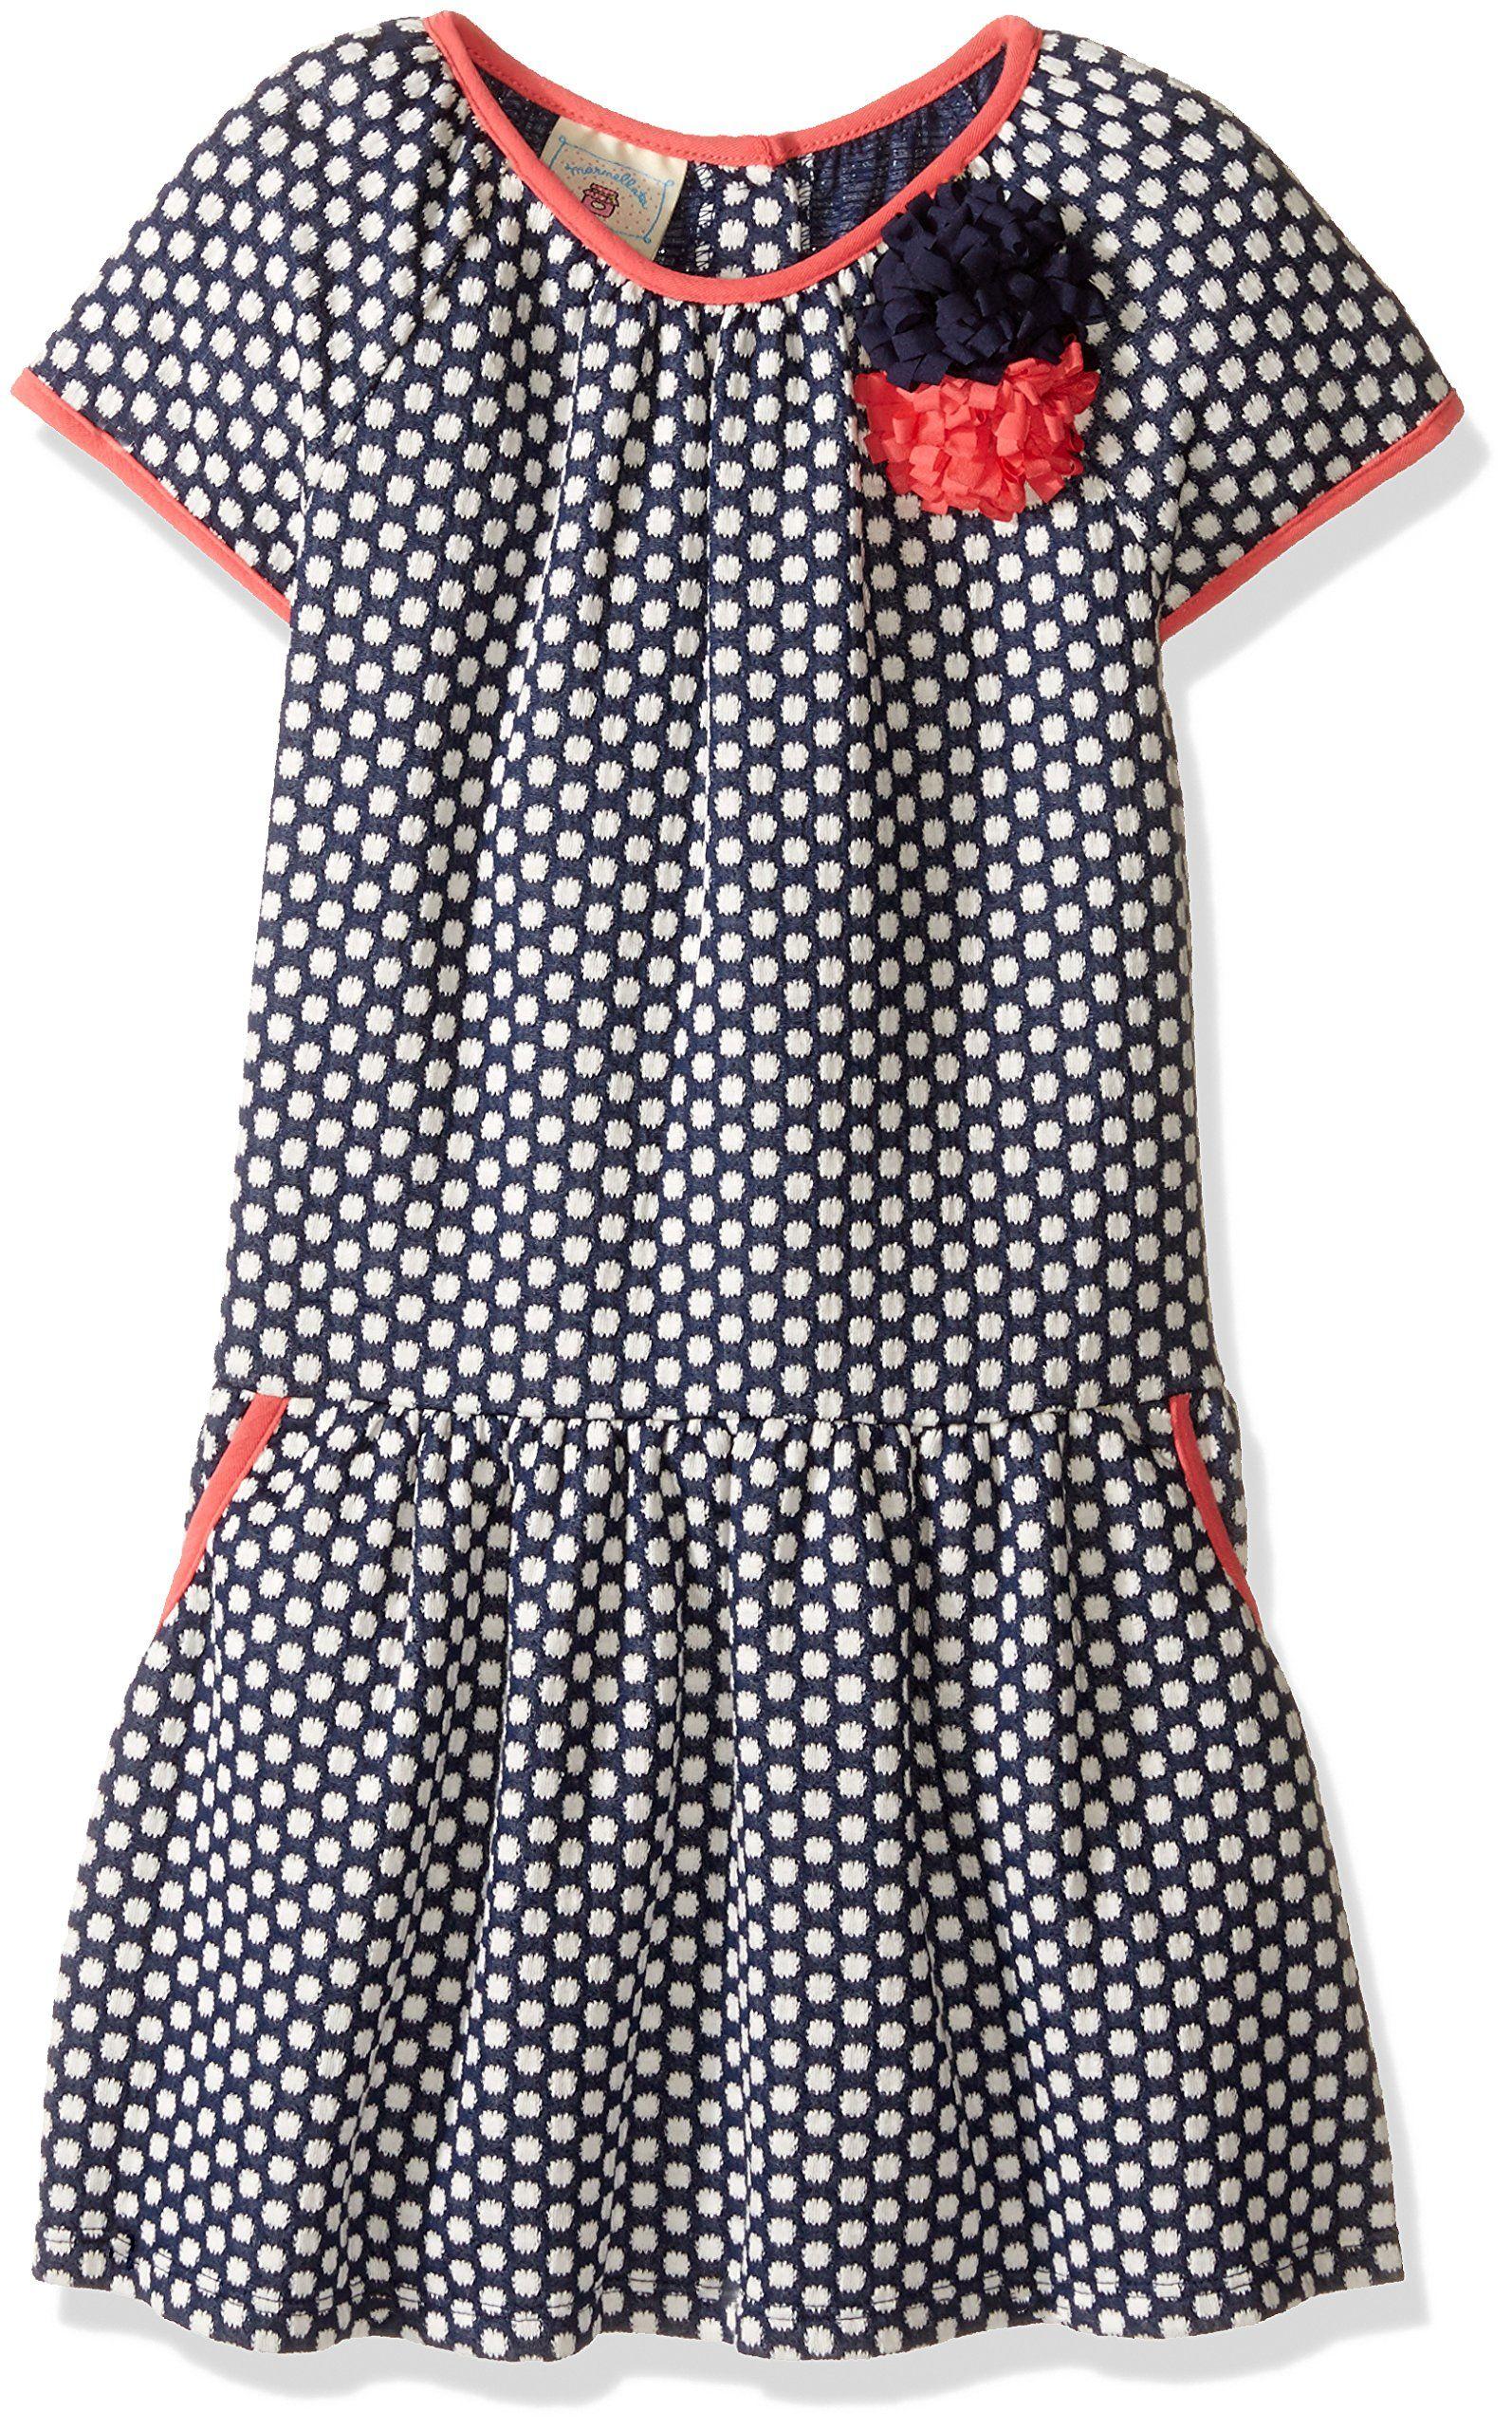 Marmellata Little Girls Toddler Polka Dot Knit Dress Multi 3T